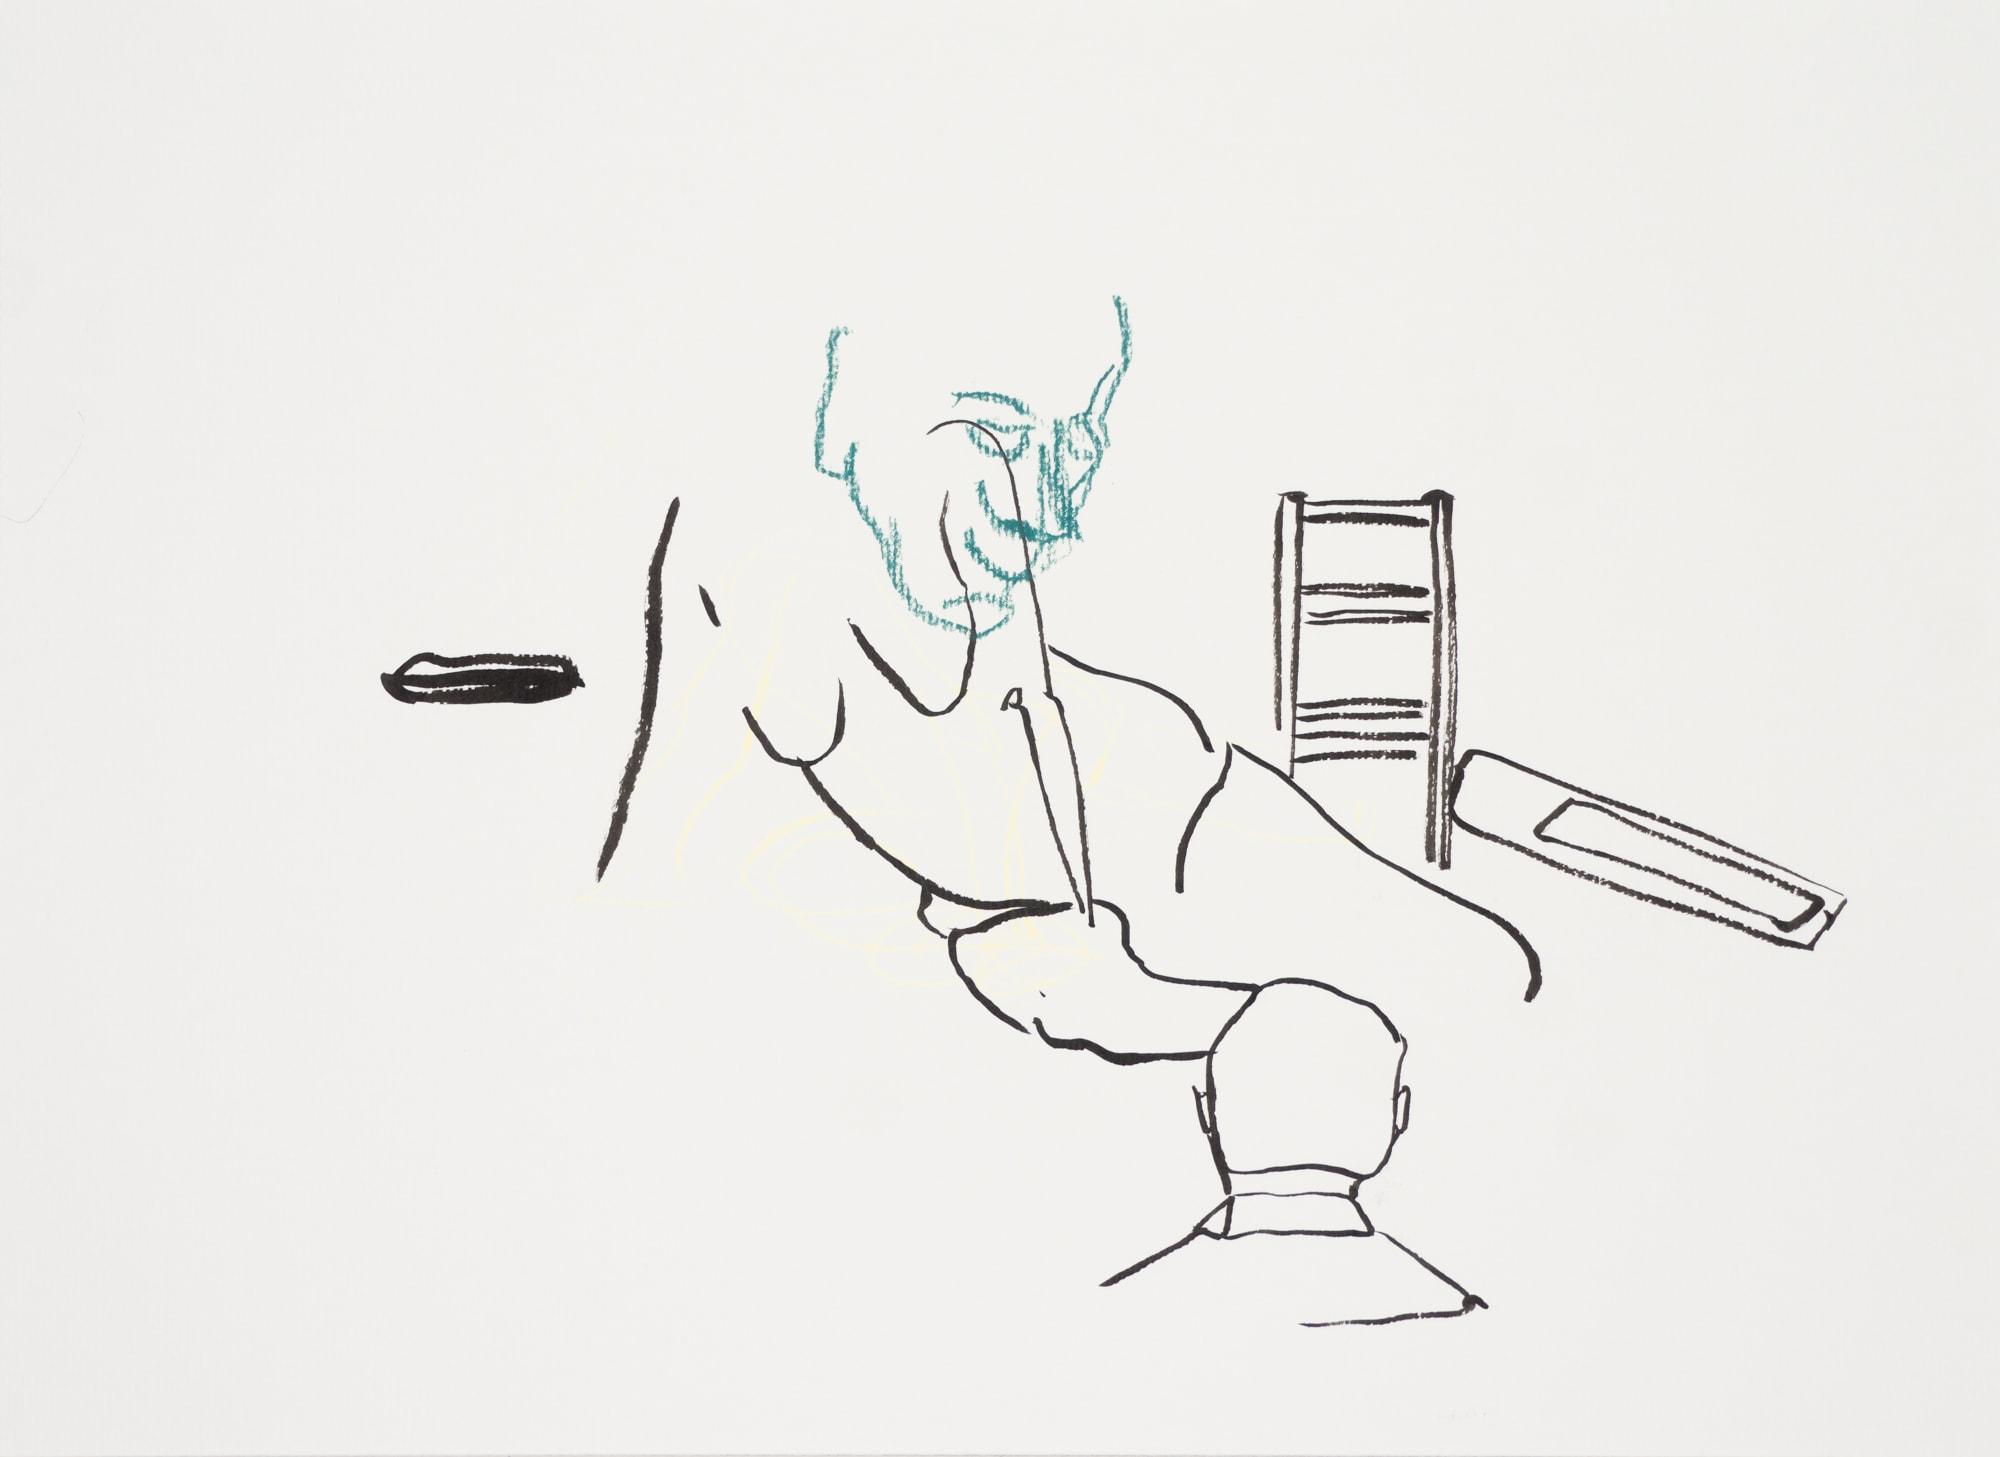 Zeichnung, Farbstift und Tusche auf Papier, 40,6x29,7cm, Akt, Künstlerin: Franziska King